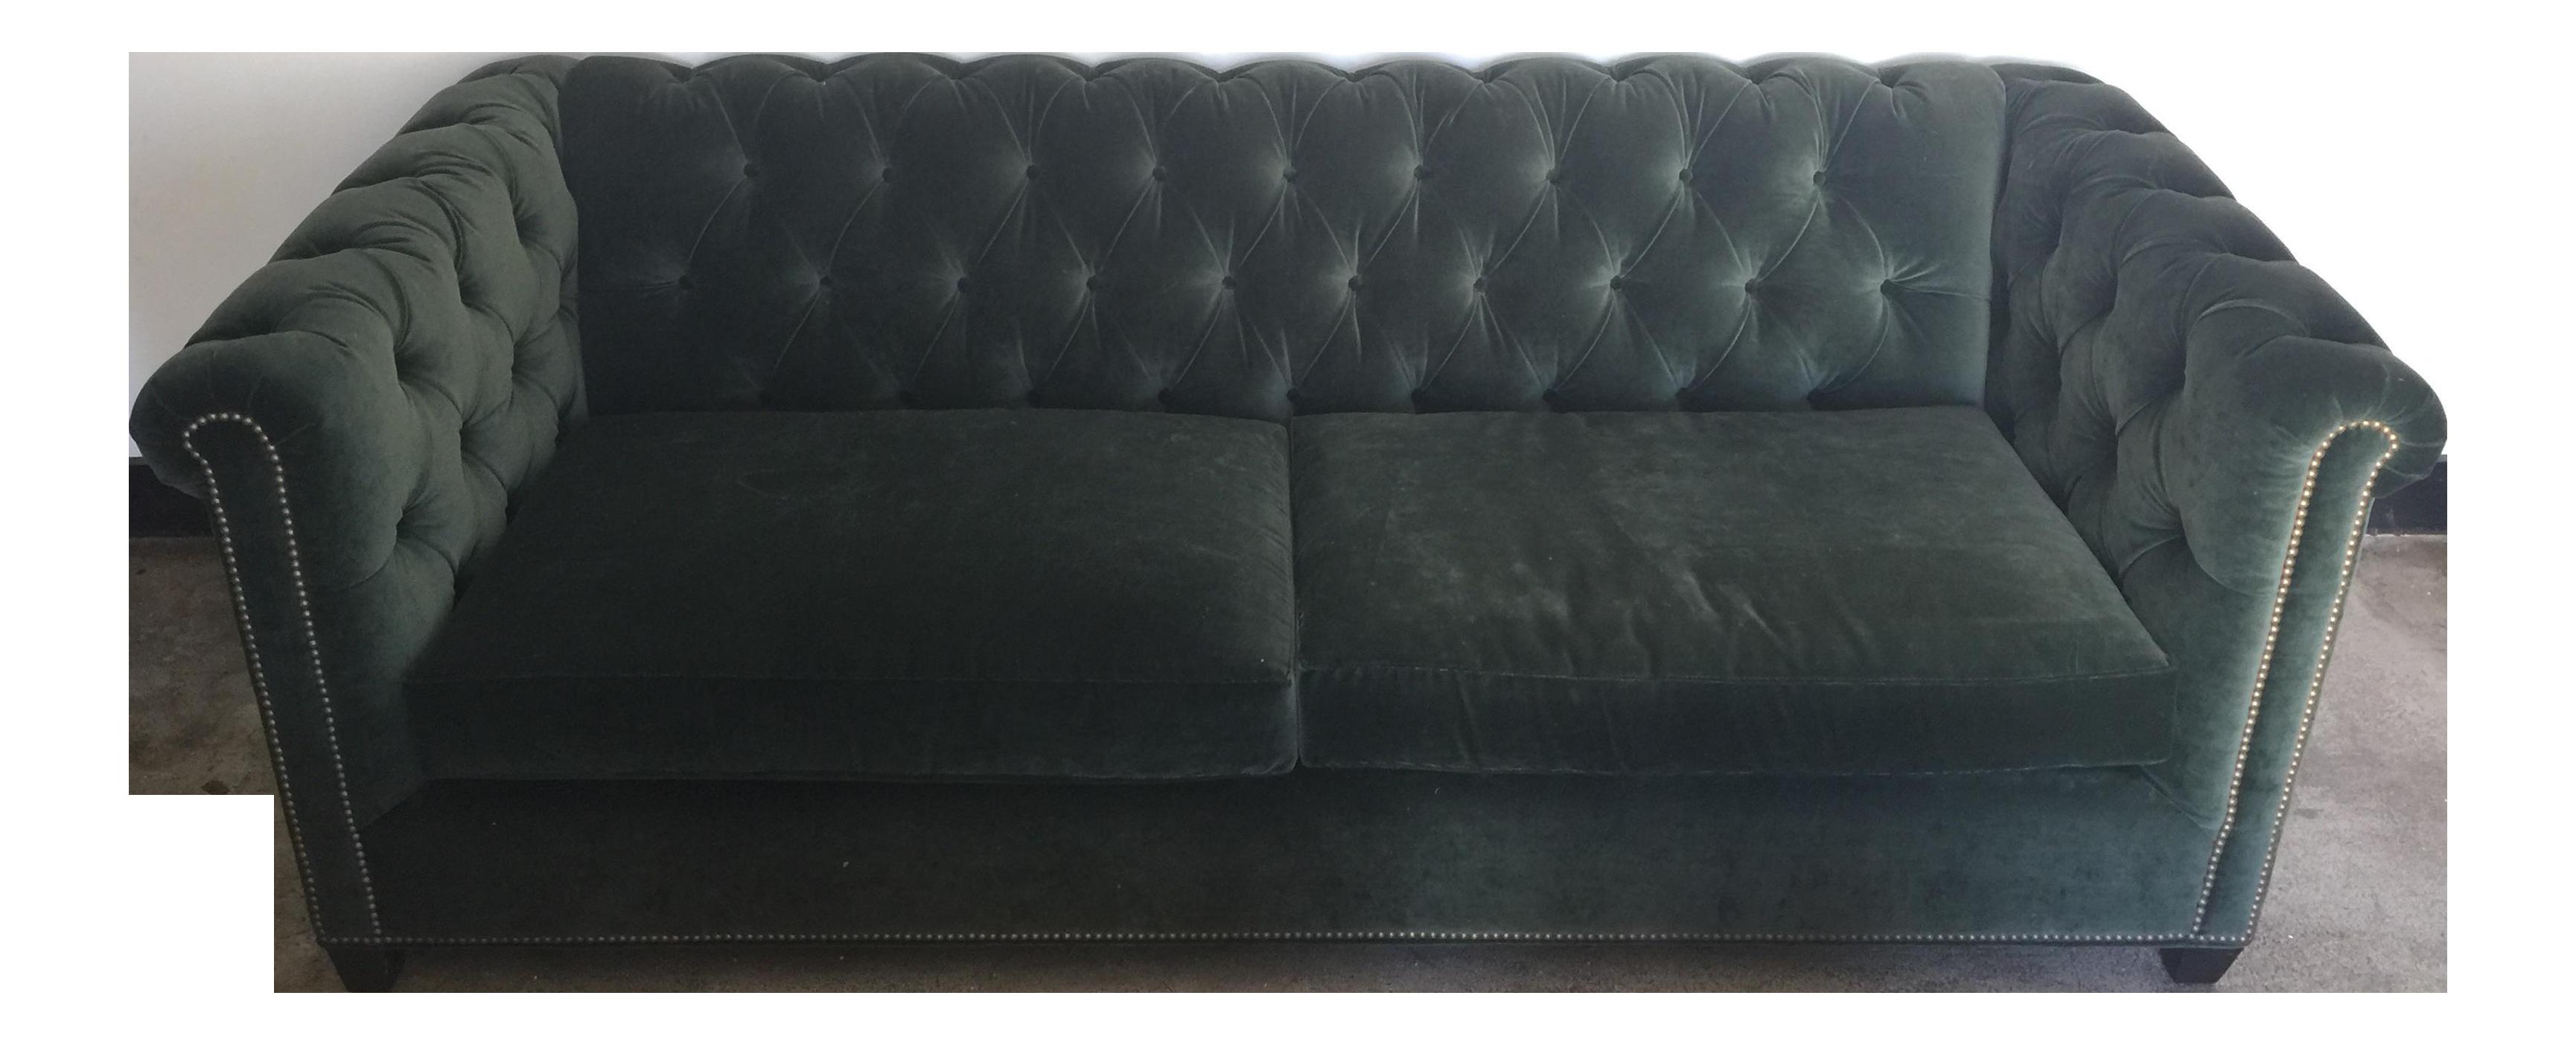 Hollywood Regency Dark Green Velvet Tufted Couch